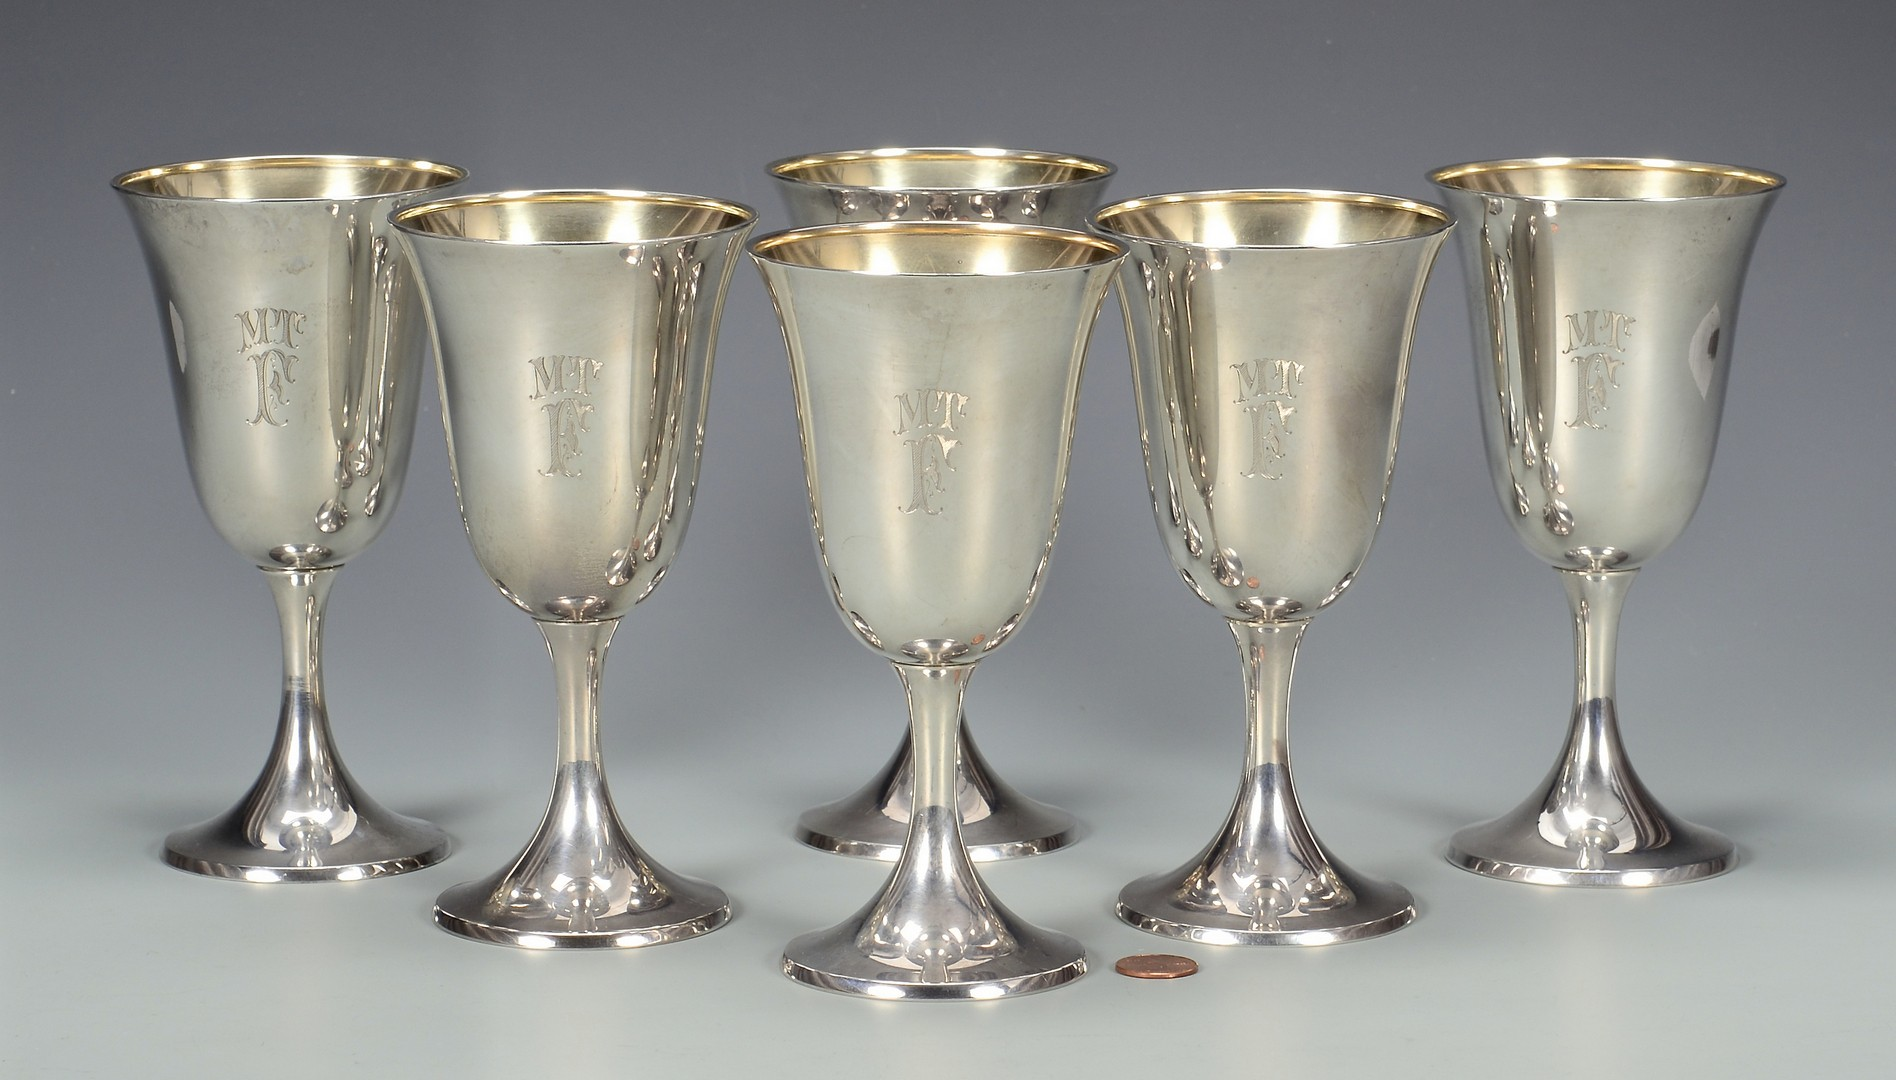 Lot 577: 6 Gorham Sterling Silver Goblets